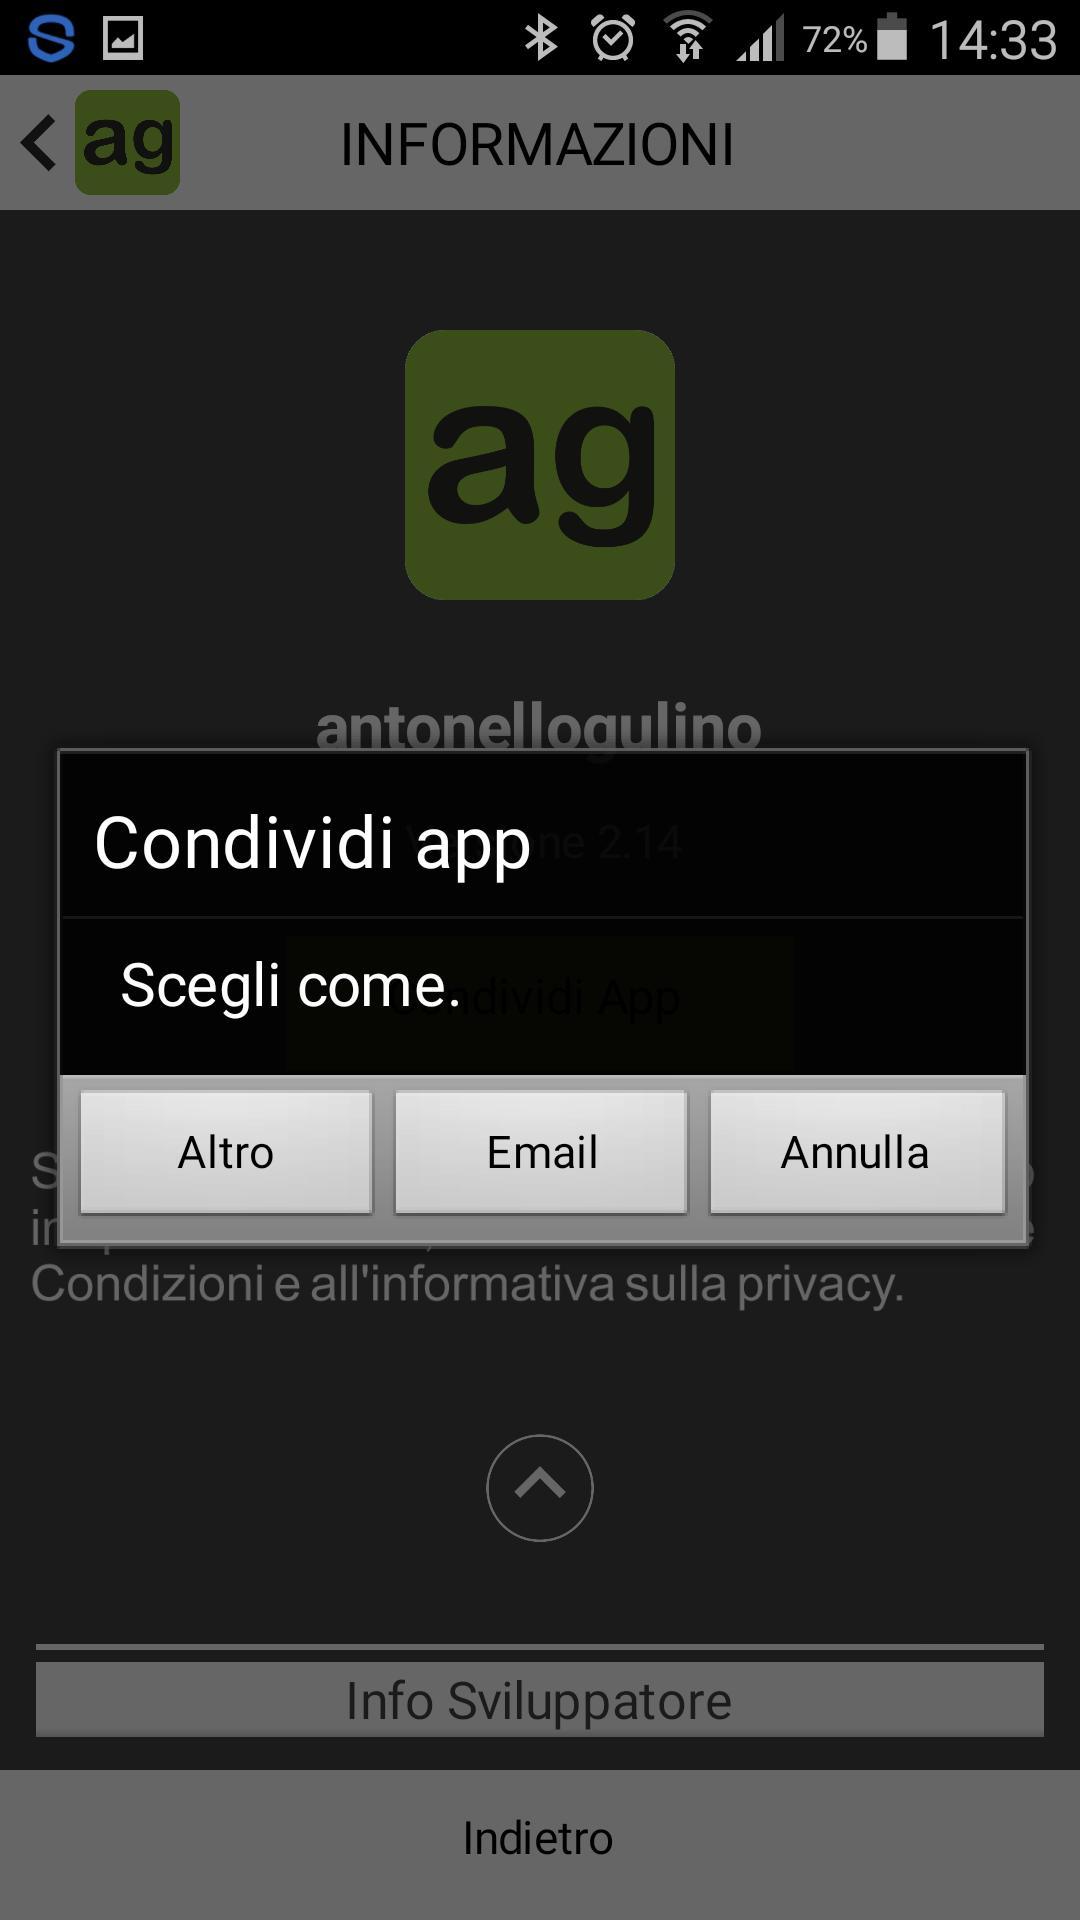 Ag Arredo Rappresentanze antonellogulino rappresentanze for android - apk download